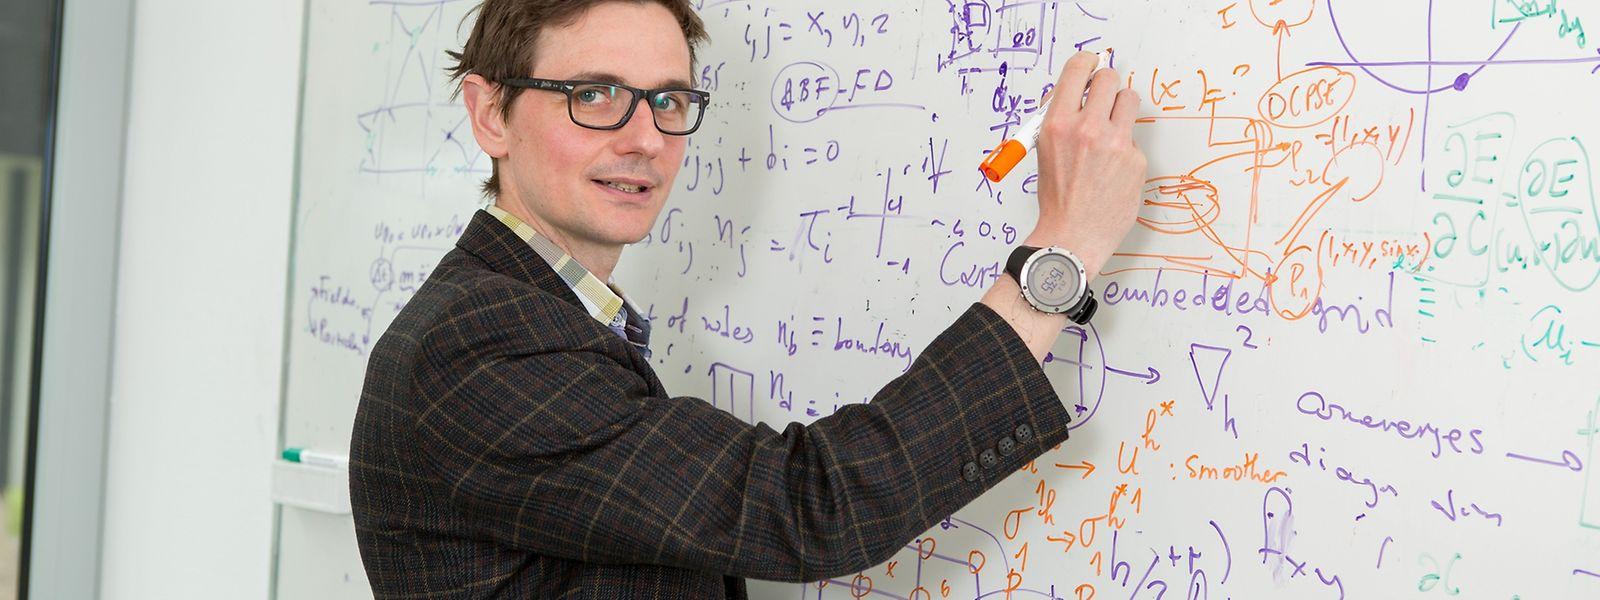 Stéphane Bordas löst Probleme, die scheinbar nichts miteinander zu tun haben.